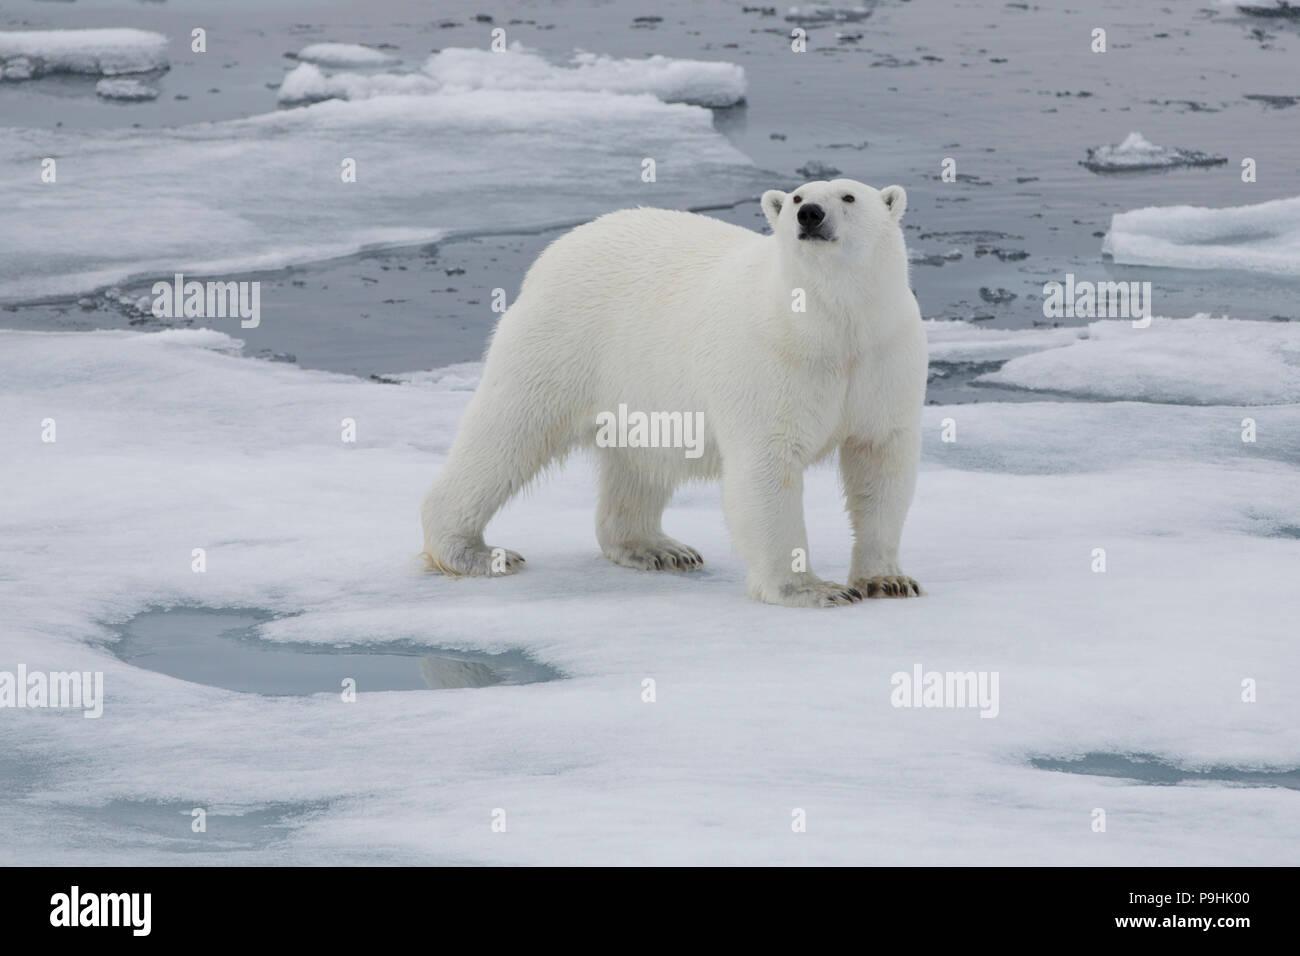 Polar Bear walking on thin sea ice near Svalbard - Stock Image